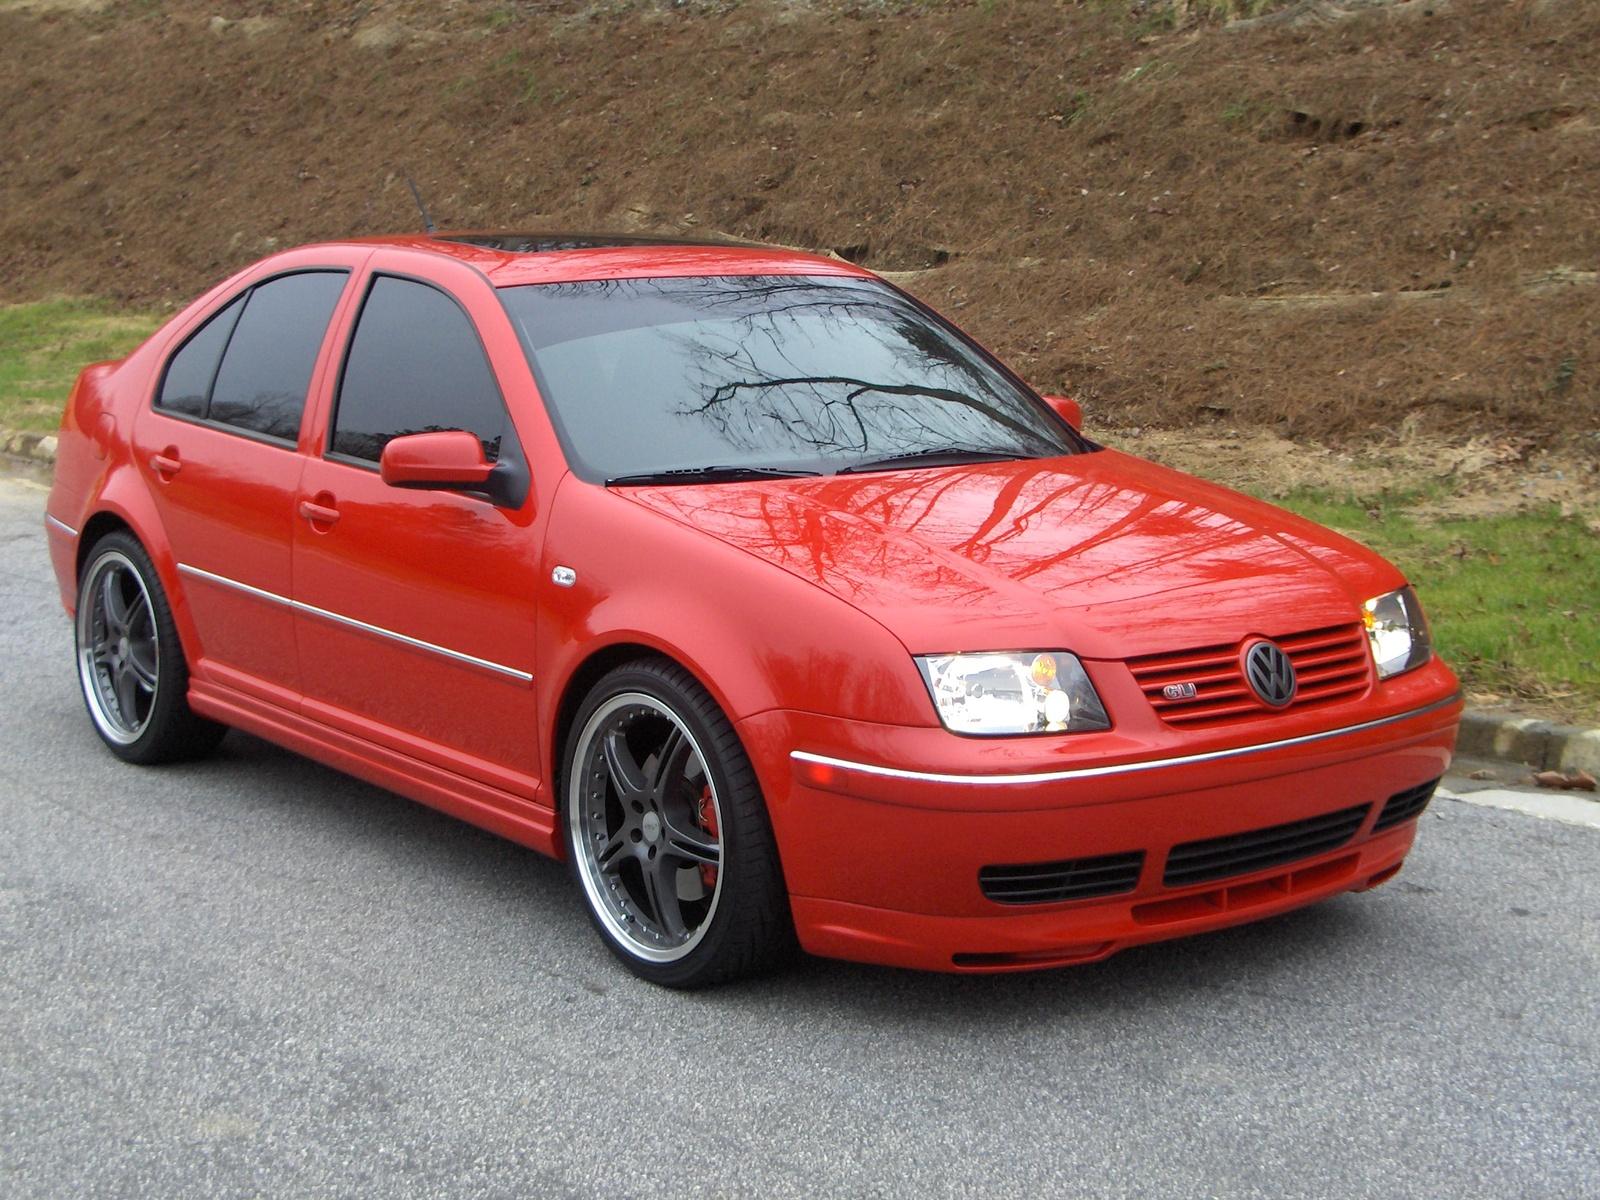 2004 Volkswagen Jetta GLI 1.8T picture, exterior